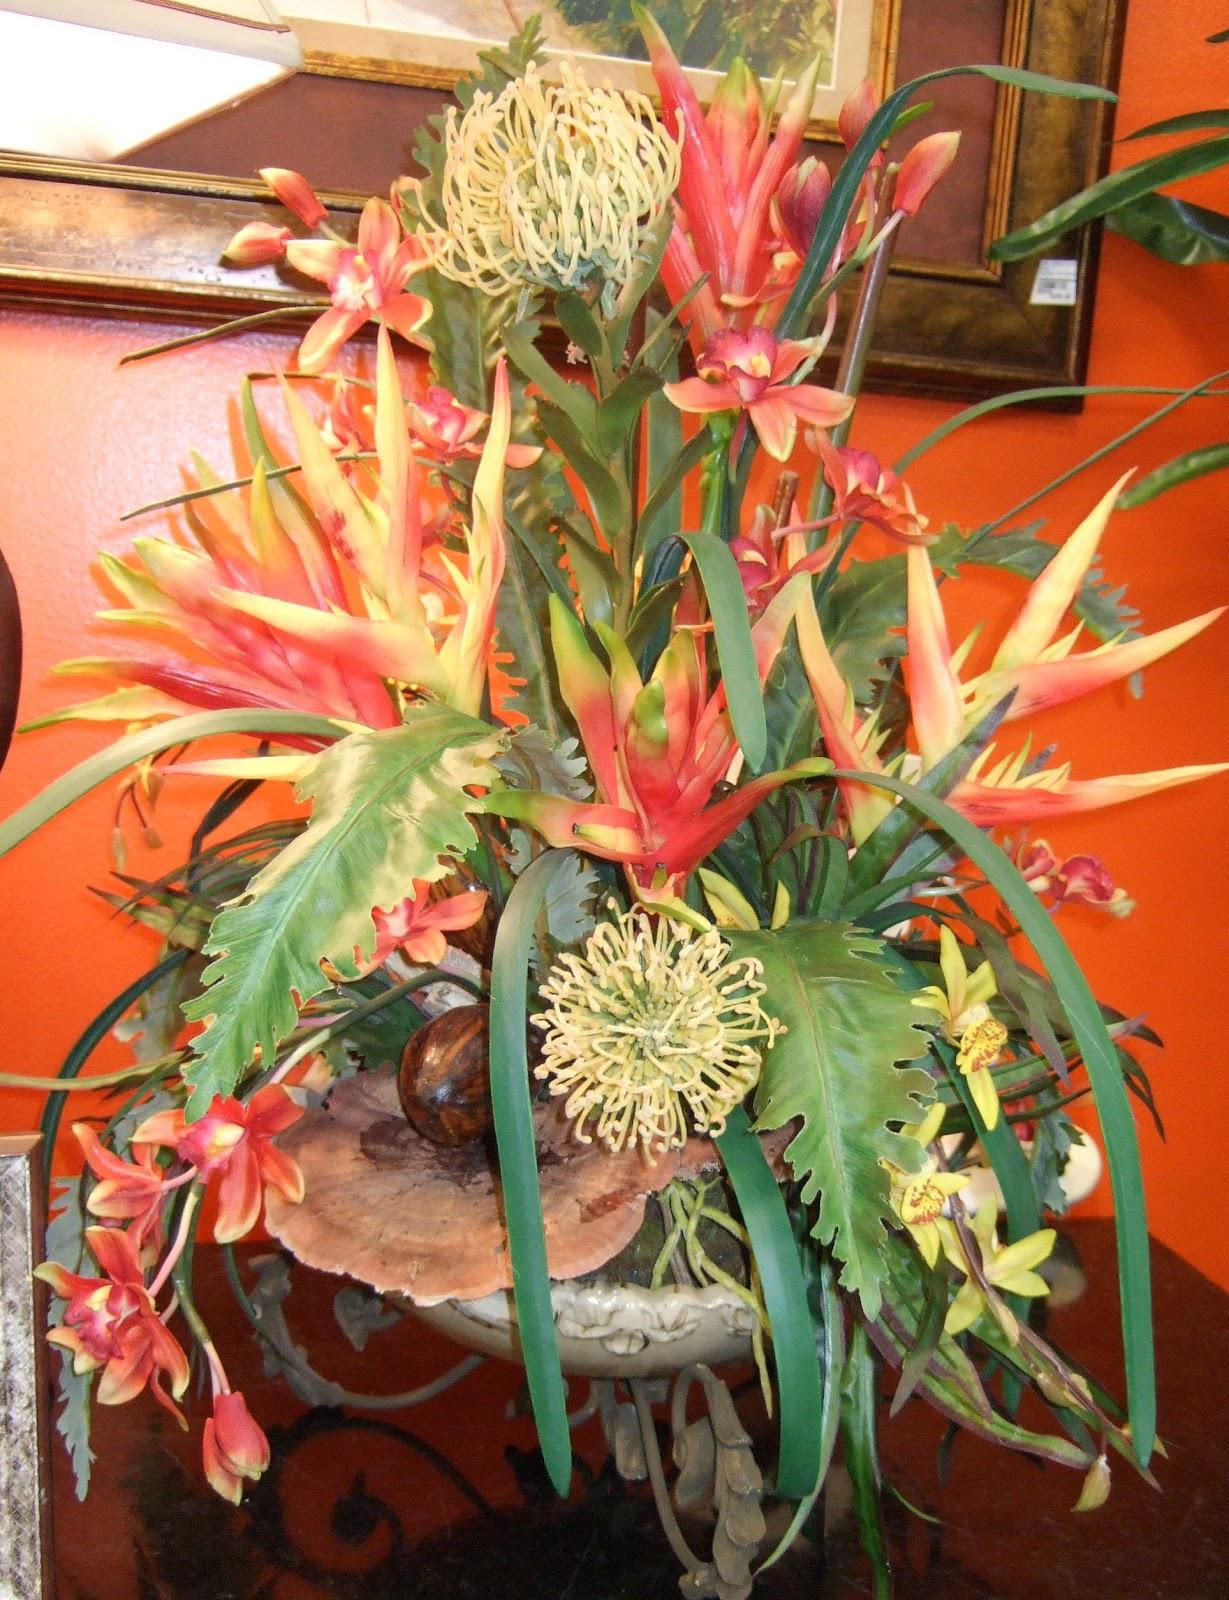 Ana Silk Flowers: Artificial flower arrangements...